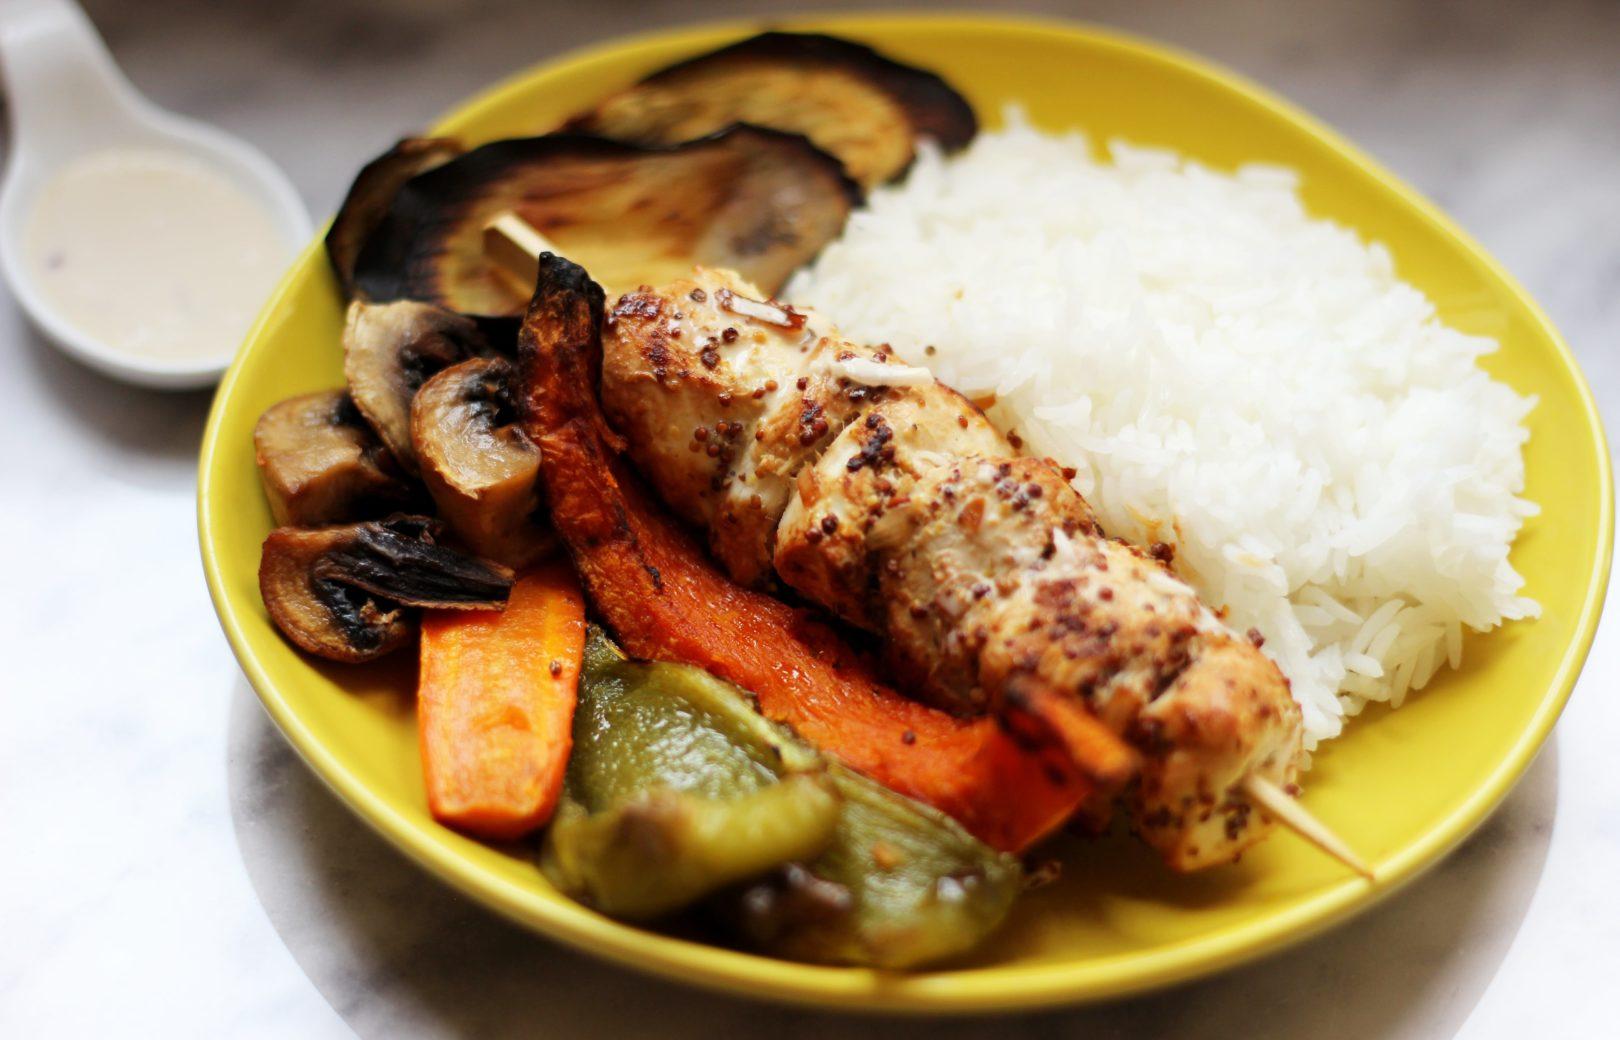 Poulet à la moutarde accompagné de riz thaï et légumes rôtis